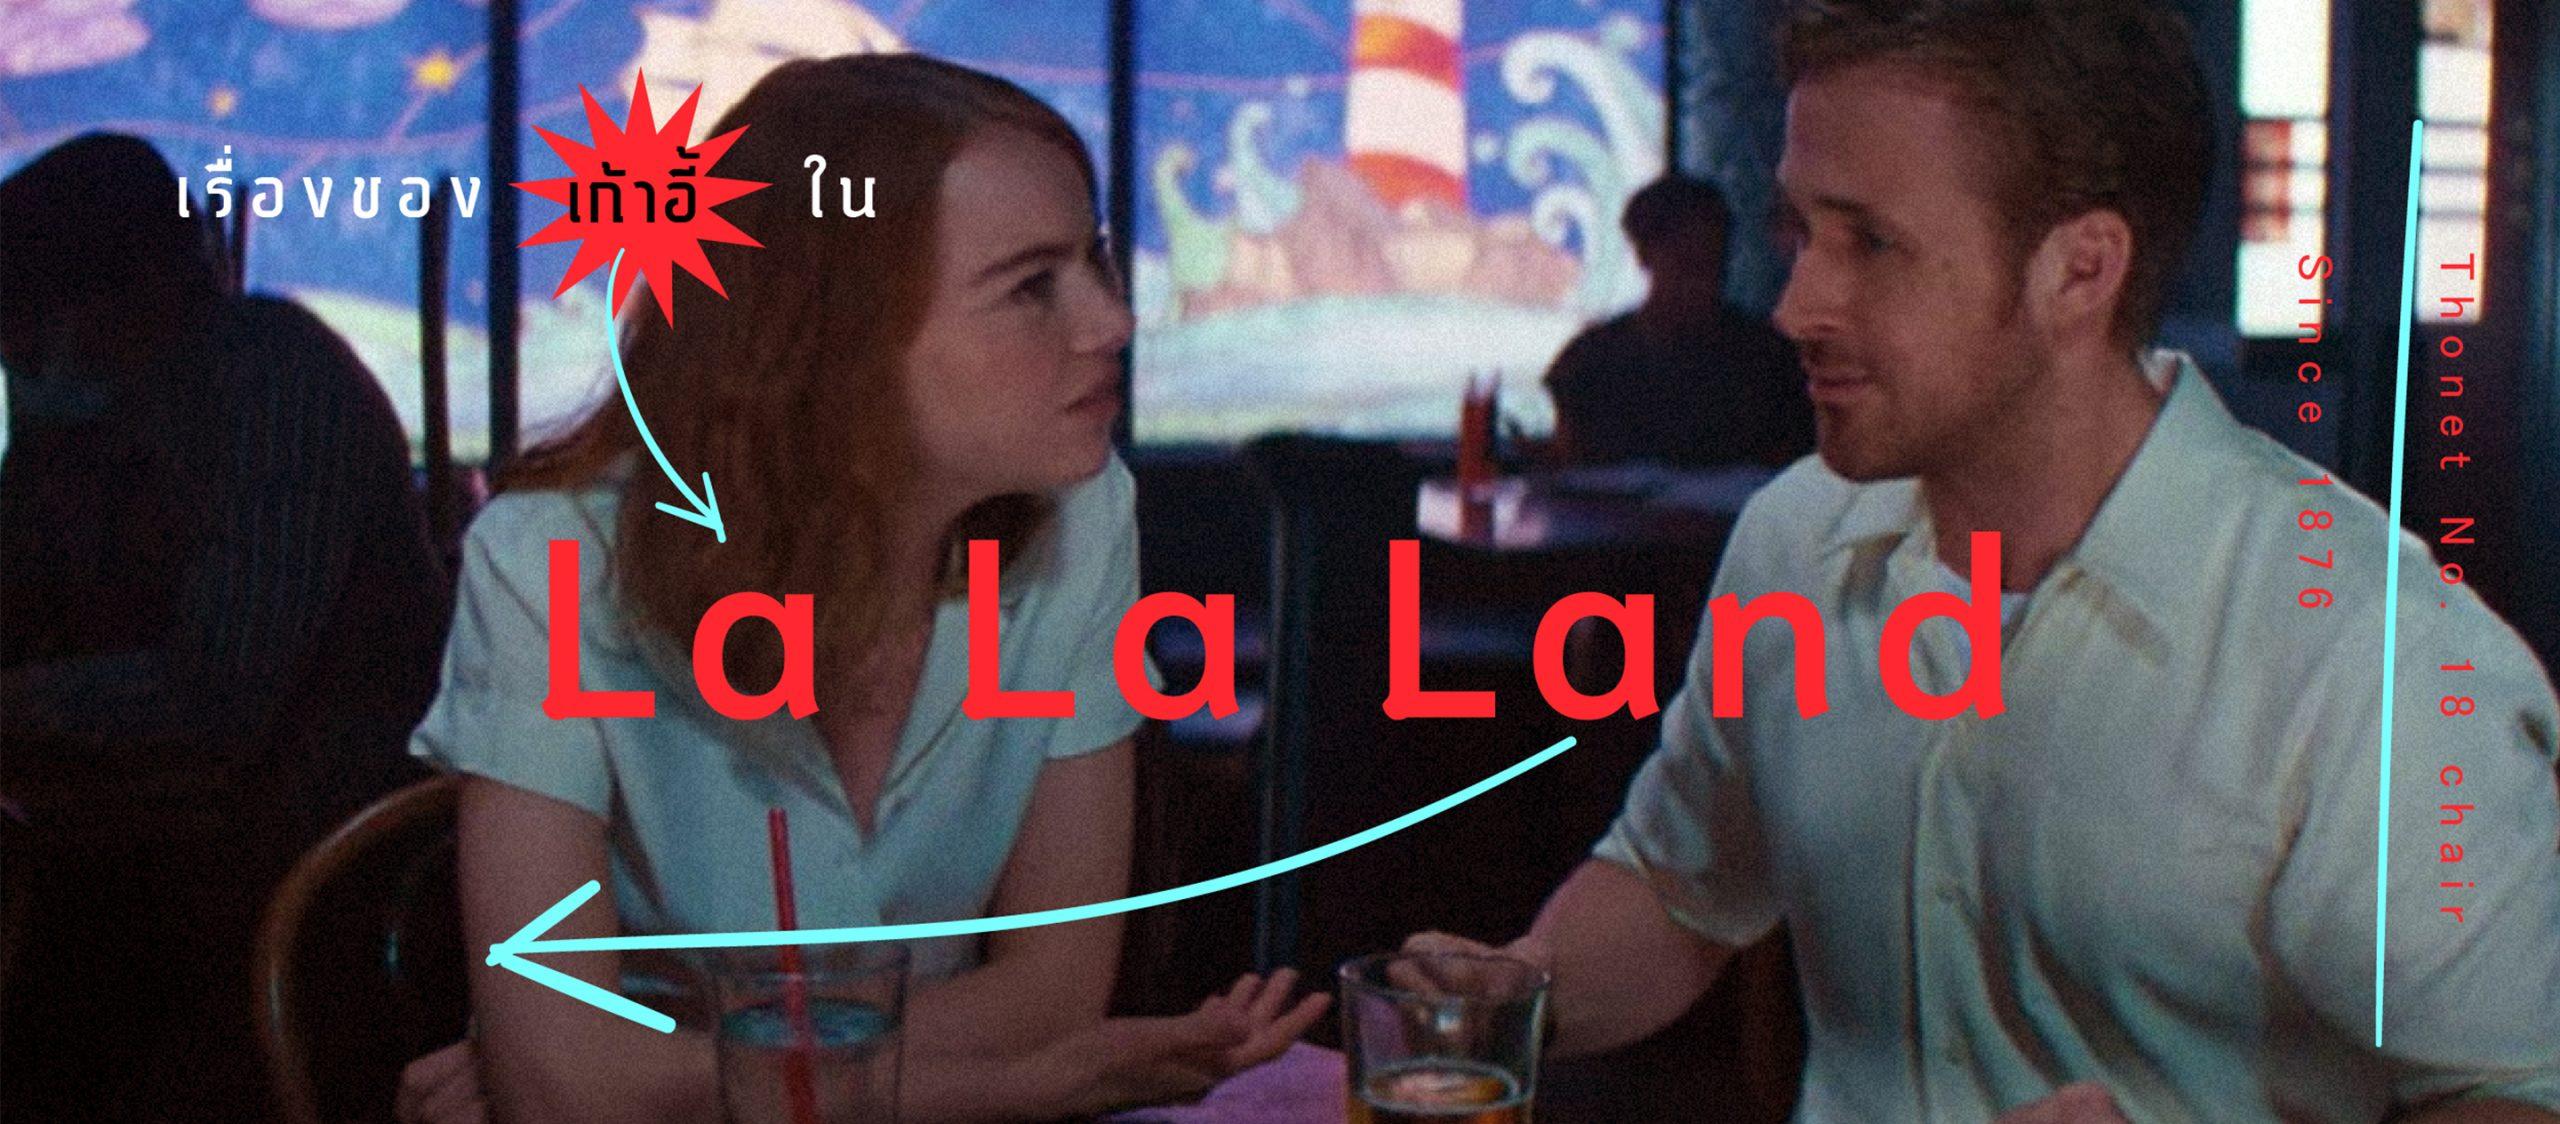 ความฝัน ความเหนื่อยล้า และการจากลาของความรัก เรื่องของเก้าอี้ Thonet No. 18 จากหนังเรื่อง La La Land